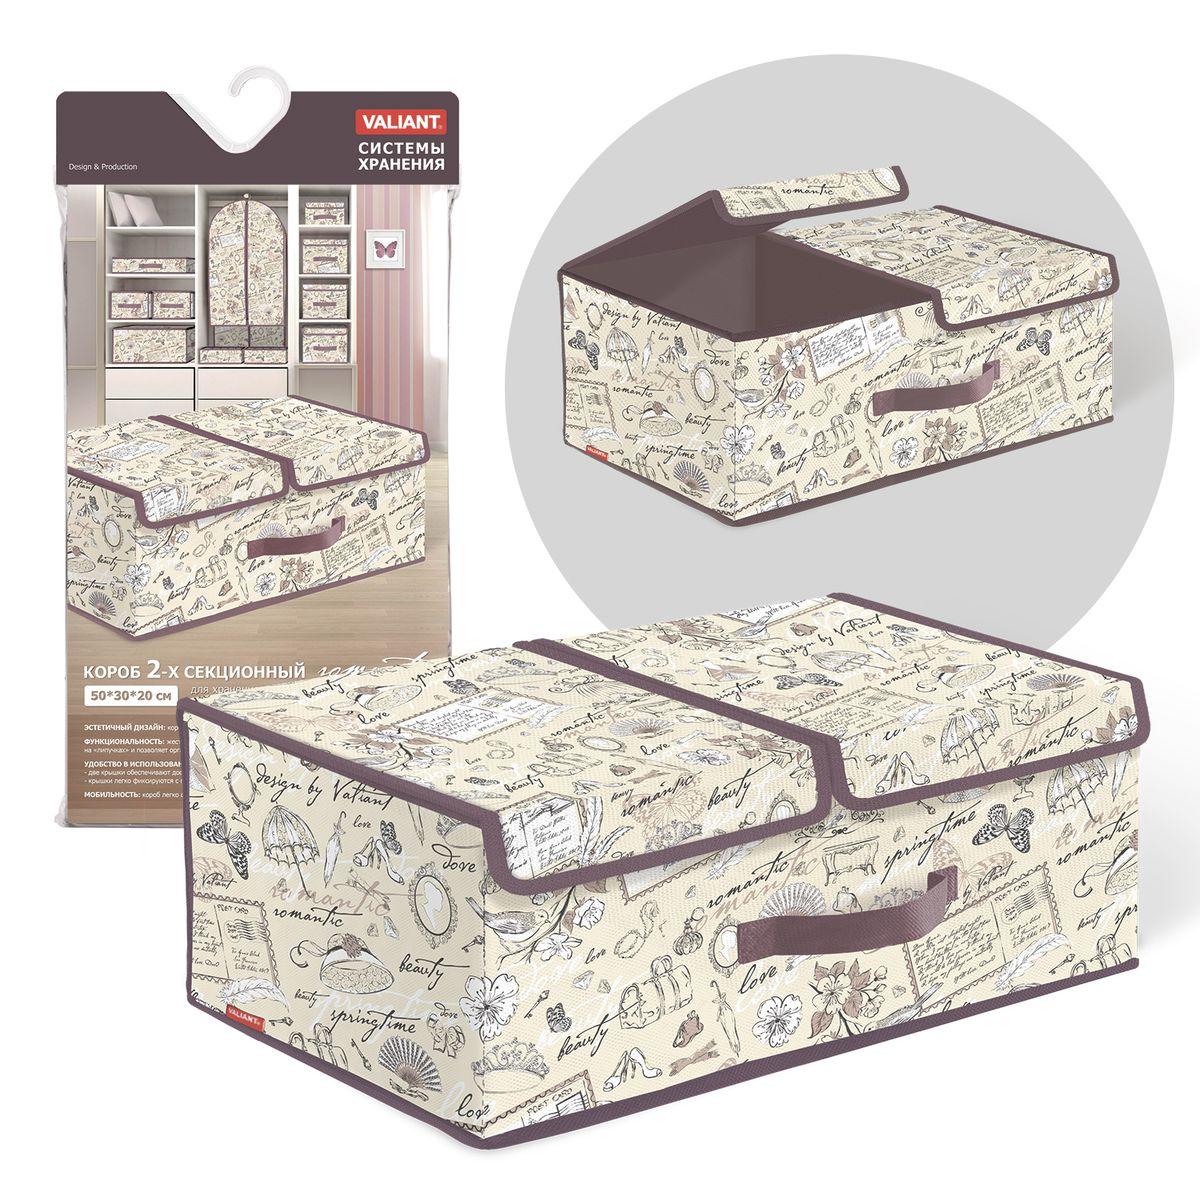 Короб стеллажный Valiant Romantic, двухсекционный, 50 х 30 х 20 смPANTERA SPX-2RSСтеллажный короб Valiant Romantic изготовлен из высококачественного нетканого материала, который обеспечивает естественную вентиляцию, позволяя воздуху проникать внутрь, но не пропускает пыль. Вставки из плотного картона хорошо держат форму. Короб предназначен для хранения одежды, белья, мелких вещей. Жесткая съемная перегородка крепится на липучки и позволяет организовать внутри короба две секции. Две крышки обеспечивают доступ к содержимому каждой секции. Крышки фиксируются с помощью специальных магнитов. Изделие отличается мобильностью: легко раскладывается и складывается. Спереди расположена ручка. Система хранения Romantic создаст трогательную атмосферу романтического настроения в женском гардеробе. Оригинальный дизайн придется по вкусу ценительницам эстетичного хранения. Системы хранения в едином дизайне сделают вашу гардеробную изысканной и невероятно стильной.